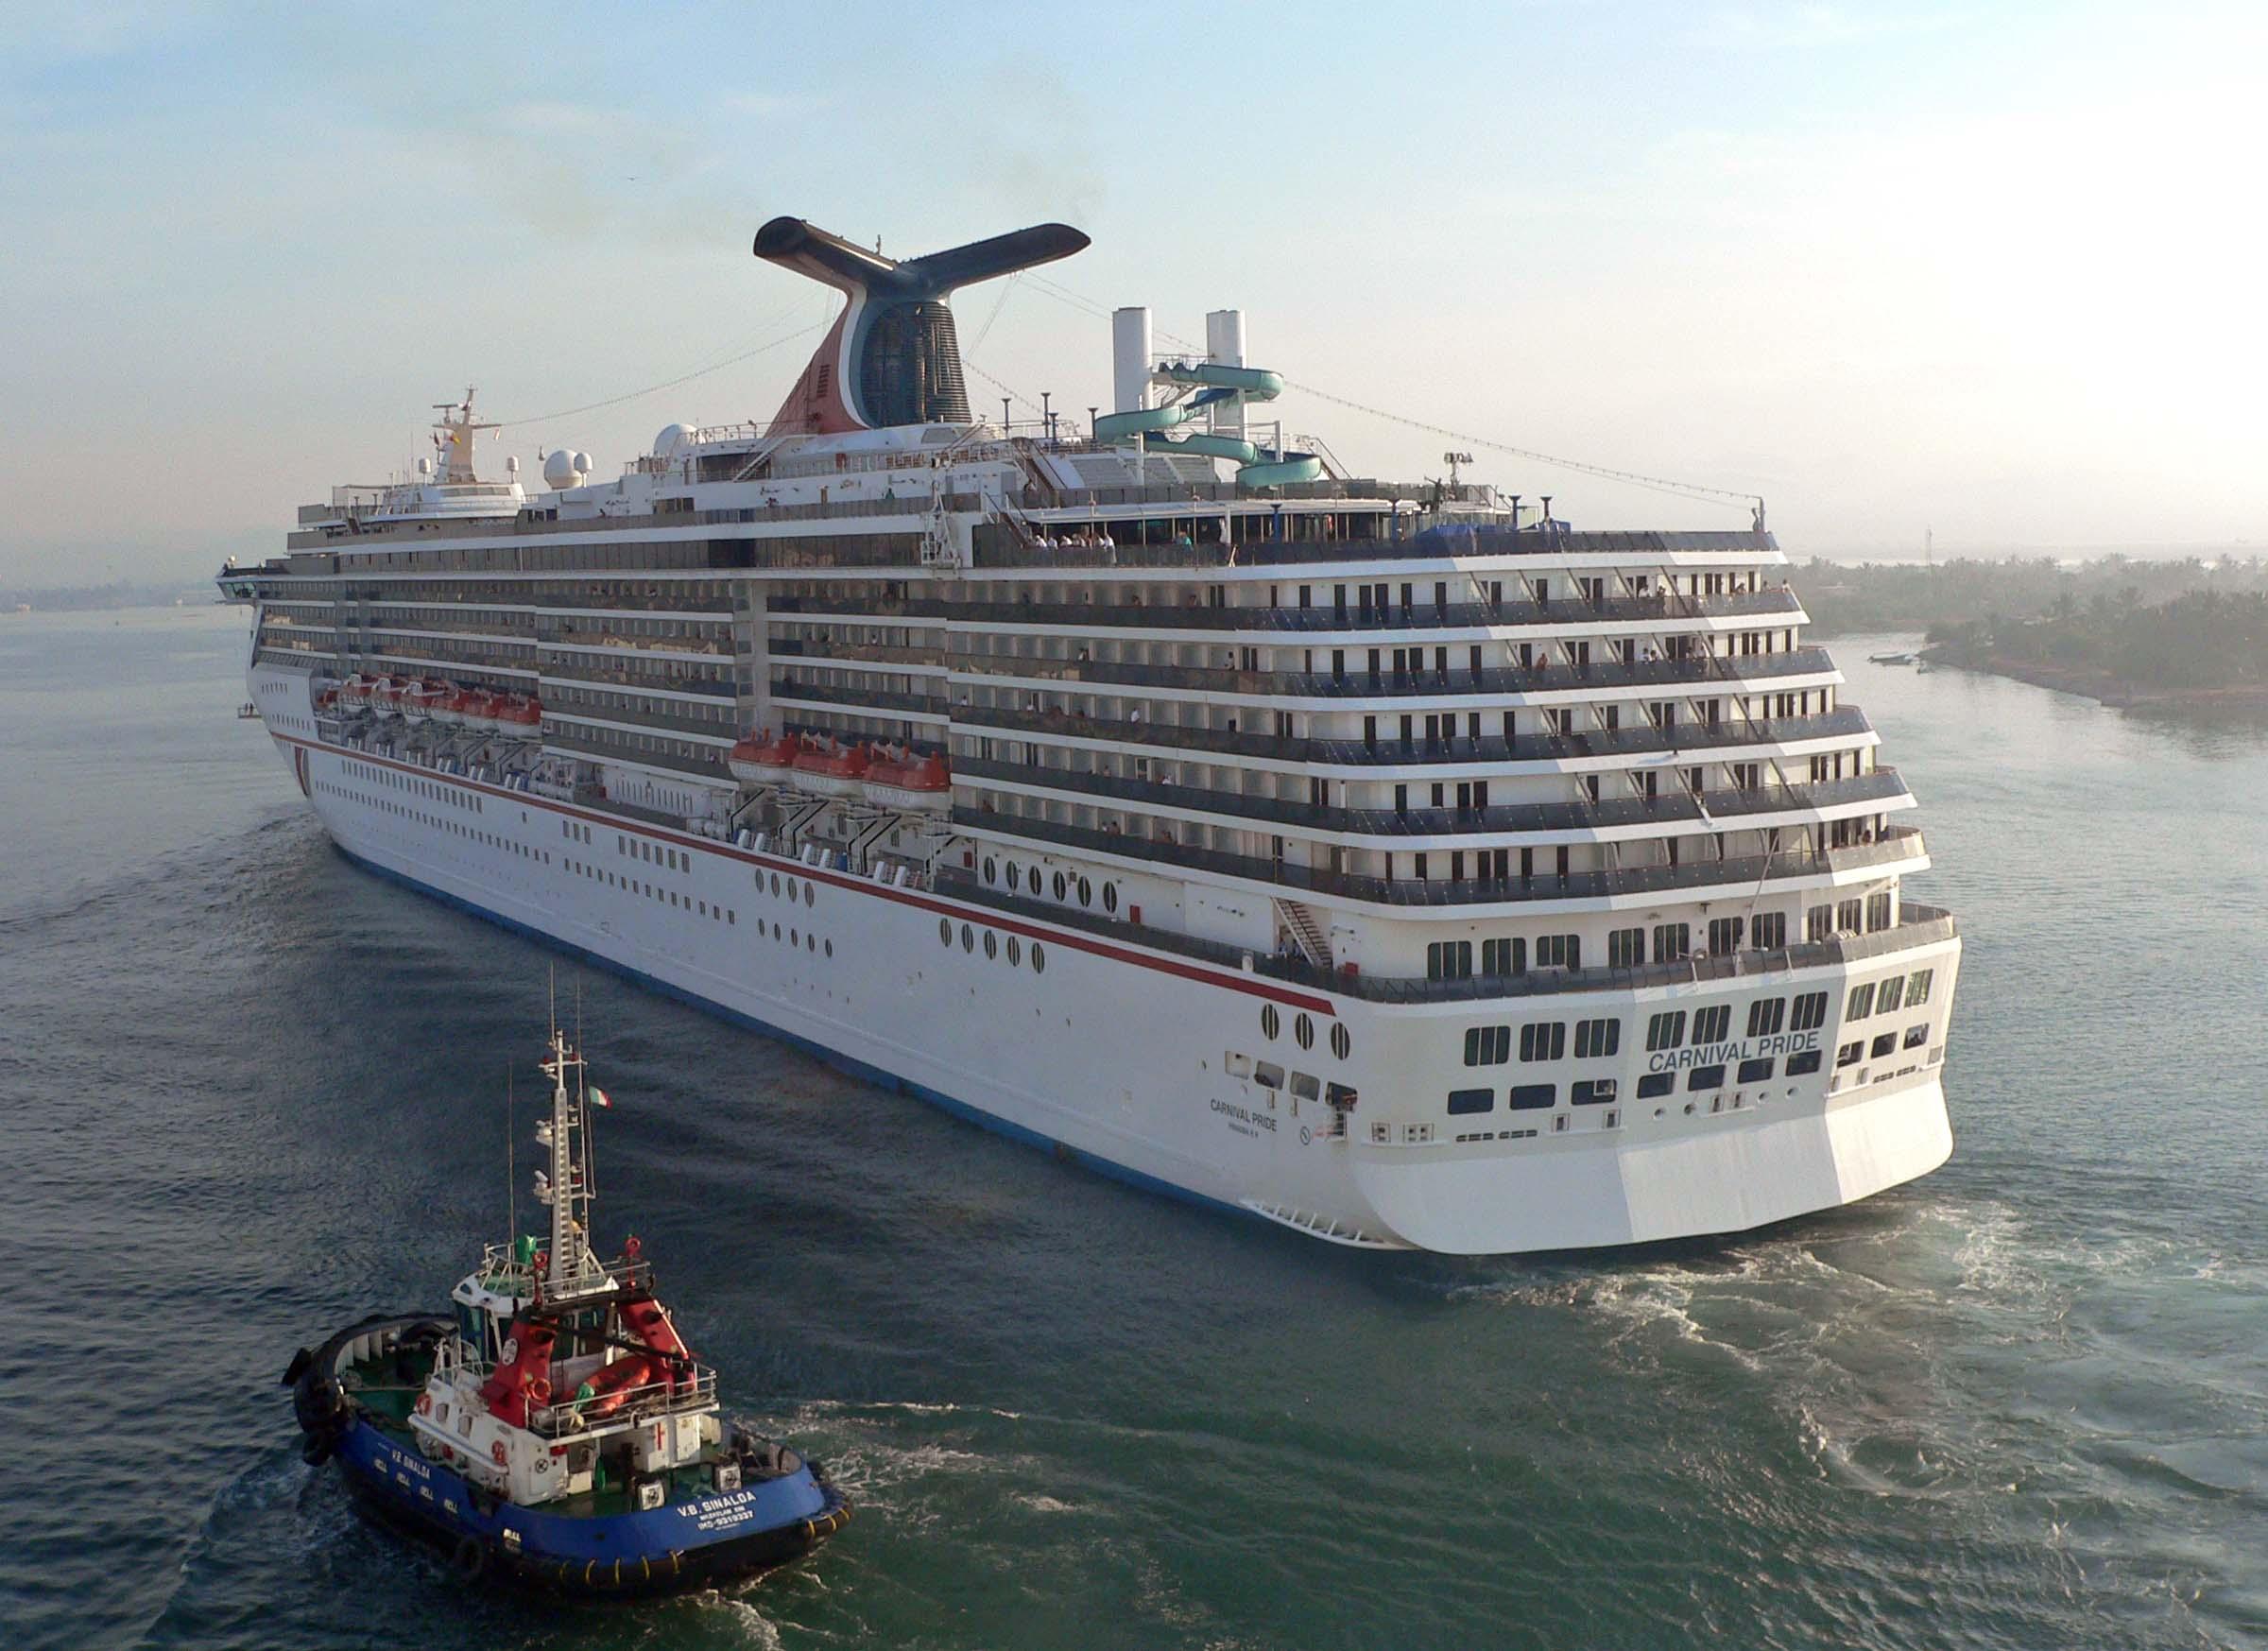 FileCarnival Pride At Mazatlan Jpg Wikimedia Commons - Carnival cruise ships wiki